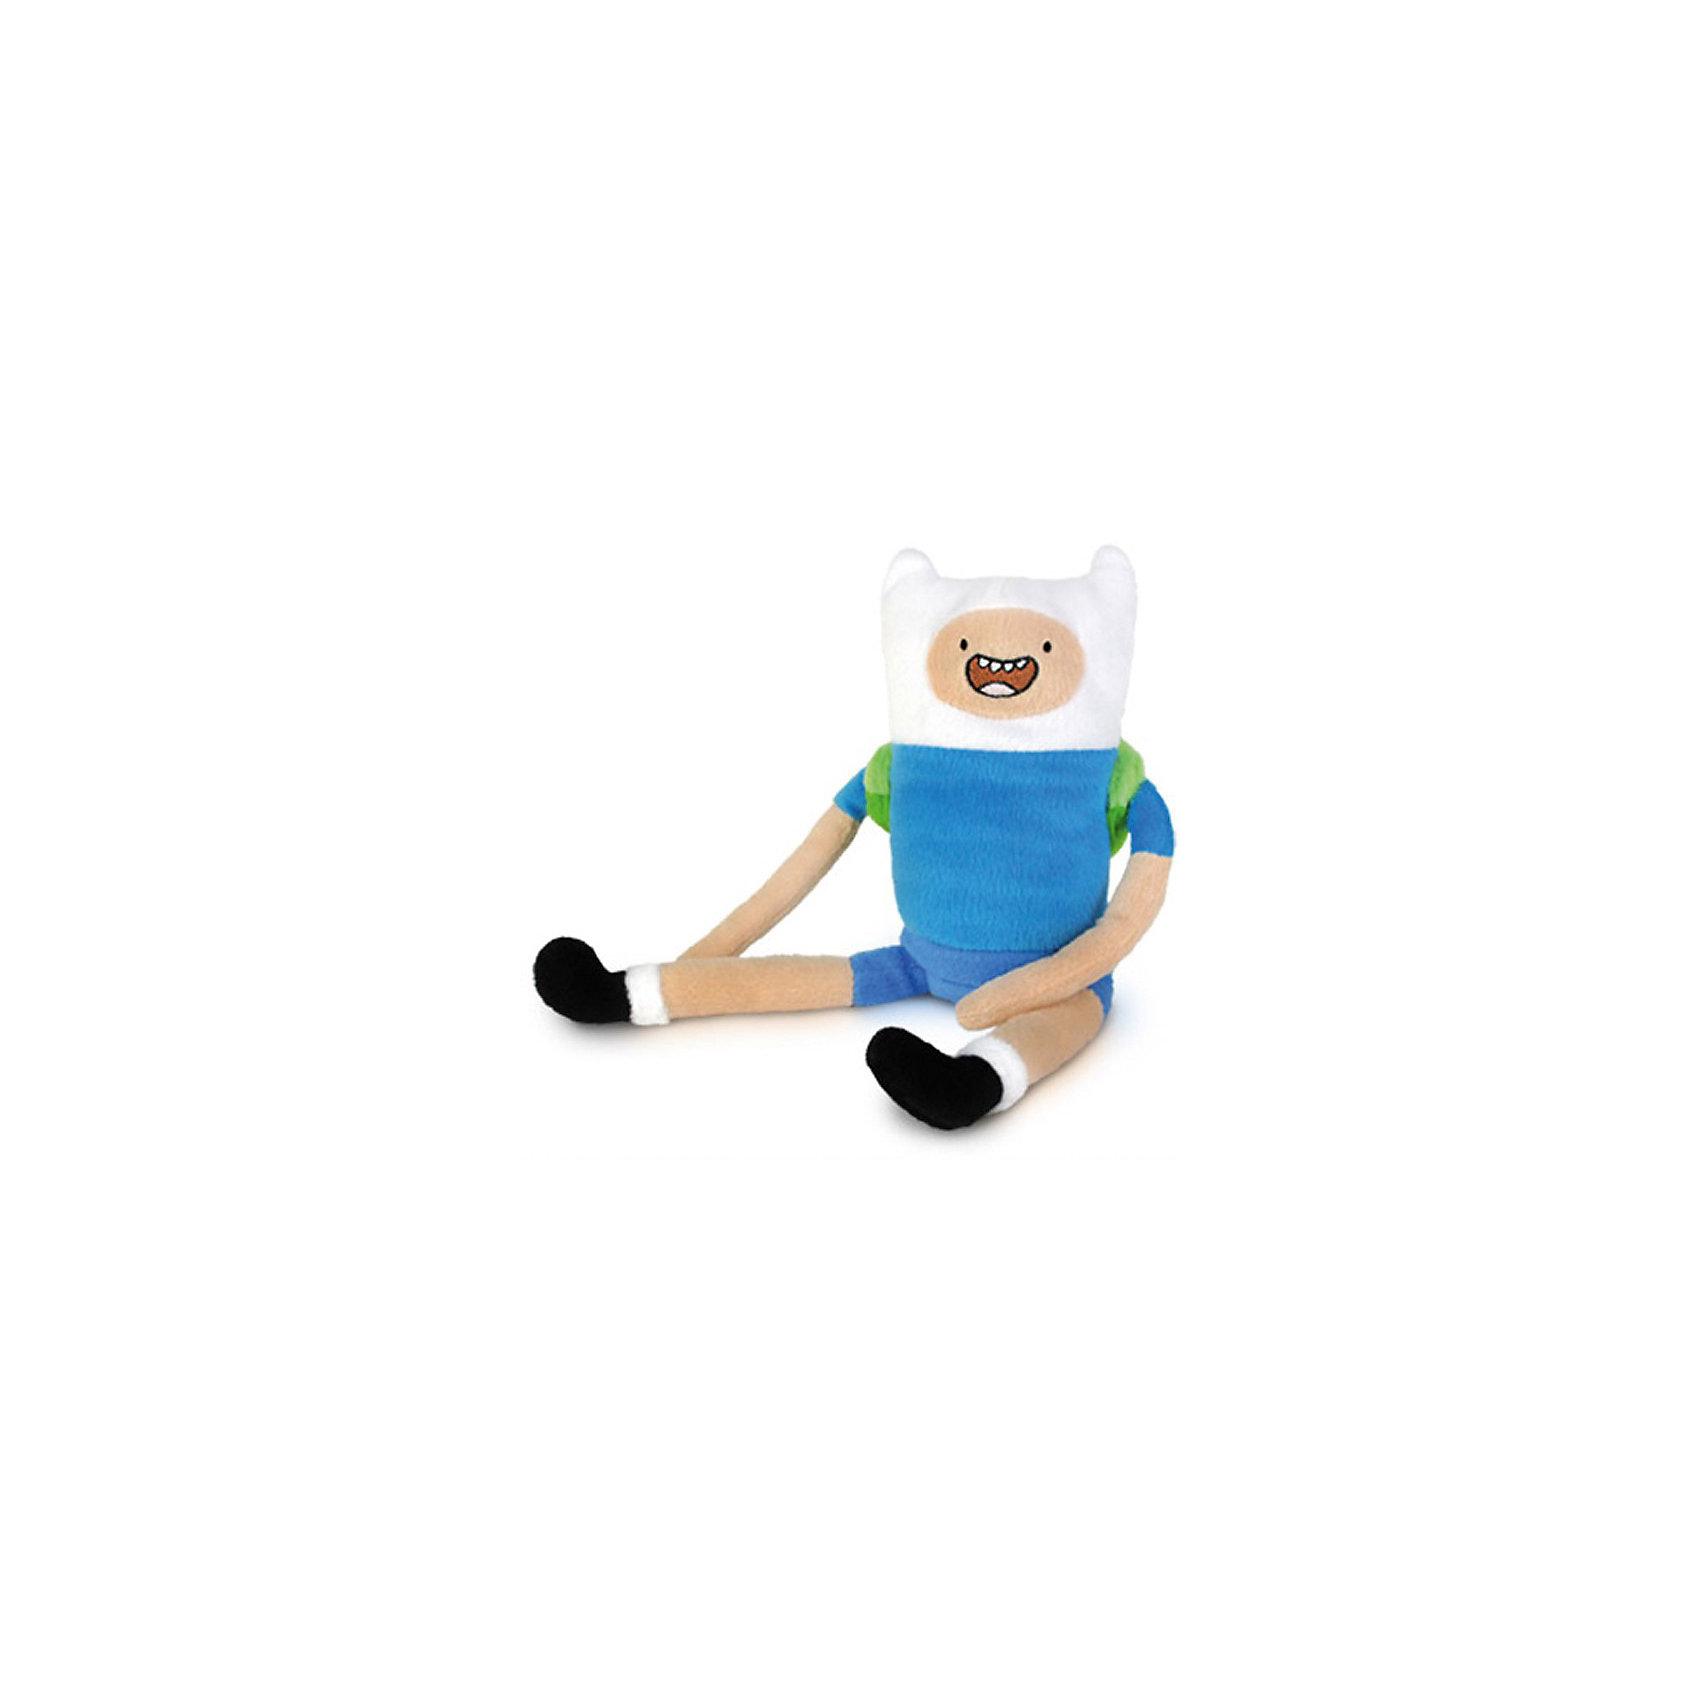 Фигурка Финн, 25 см, Время приключенийЛюбимые герои<br>Забавная плюшевая фигурка Финна непременно понравится всем любителям мультсериала Время приключений (Adventure Time). Финн тринадцатилетний мальчик, который обожает путешествовать и спасать принцесс из лап ужасных монстров и злодеев, населяющих Землю. Мягкая фигурка настолько приятна наощупь, что малыш не захочет с ней расставаться даже во время сна. <br><br>Дополнительная информация:<br><br>- Материал: плюш, наполнитель. <br>- Высота фигурки: 25 см. <br><br>Фигурку Финна, 25 см, Время приключений, можно купить в нашем магазине.<br><br>Ширина мм: 100<br>Глубина мм: 100<br>Высота мм: 250<br>Вес г: 80<br>Возраст от месяцев: 48<br>Возраст до месяцев: 192<br>Пол: Унисекс<br>Возраст: Детский<br>SKU: 3841375